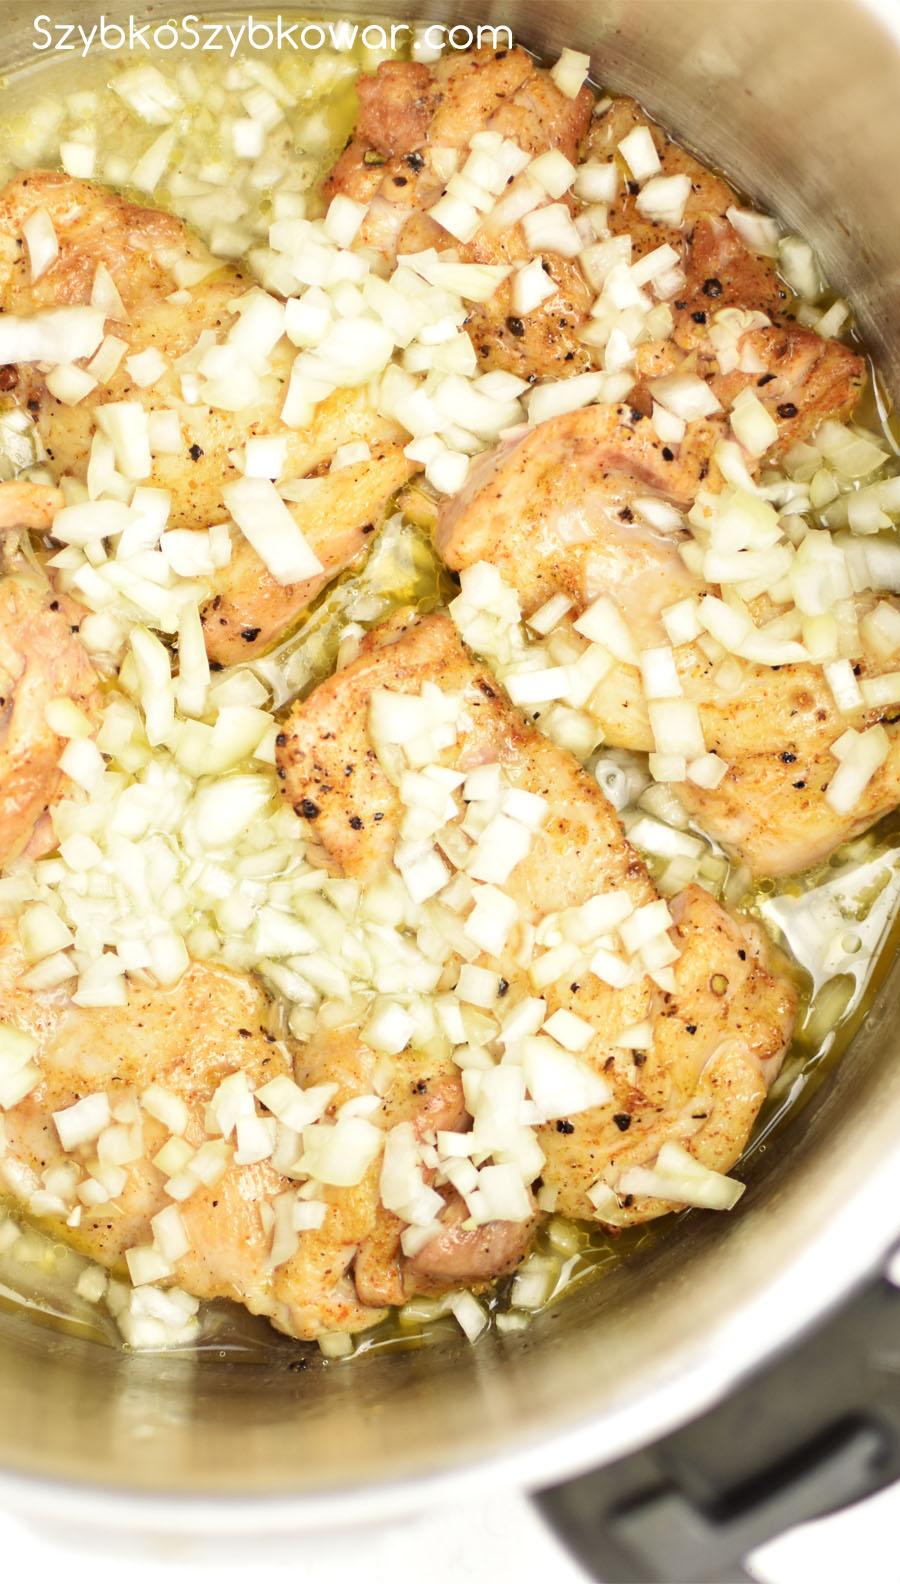 Wierzch udek posyp pokrojoną cebulą. Dolej wodę i gotuj.